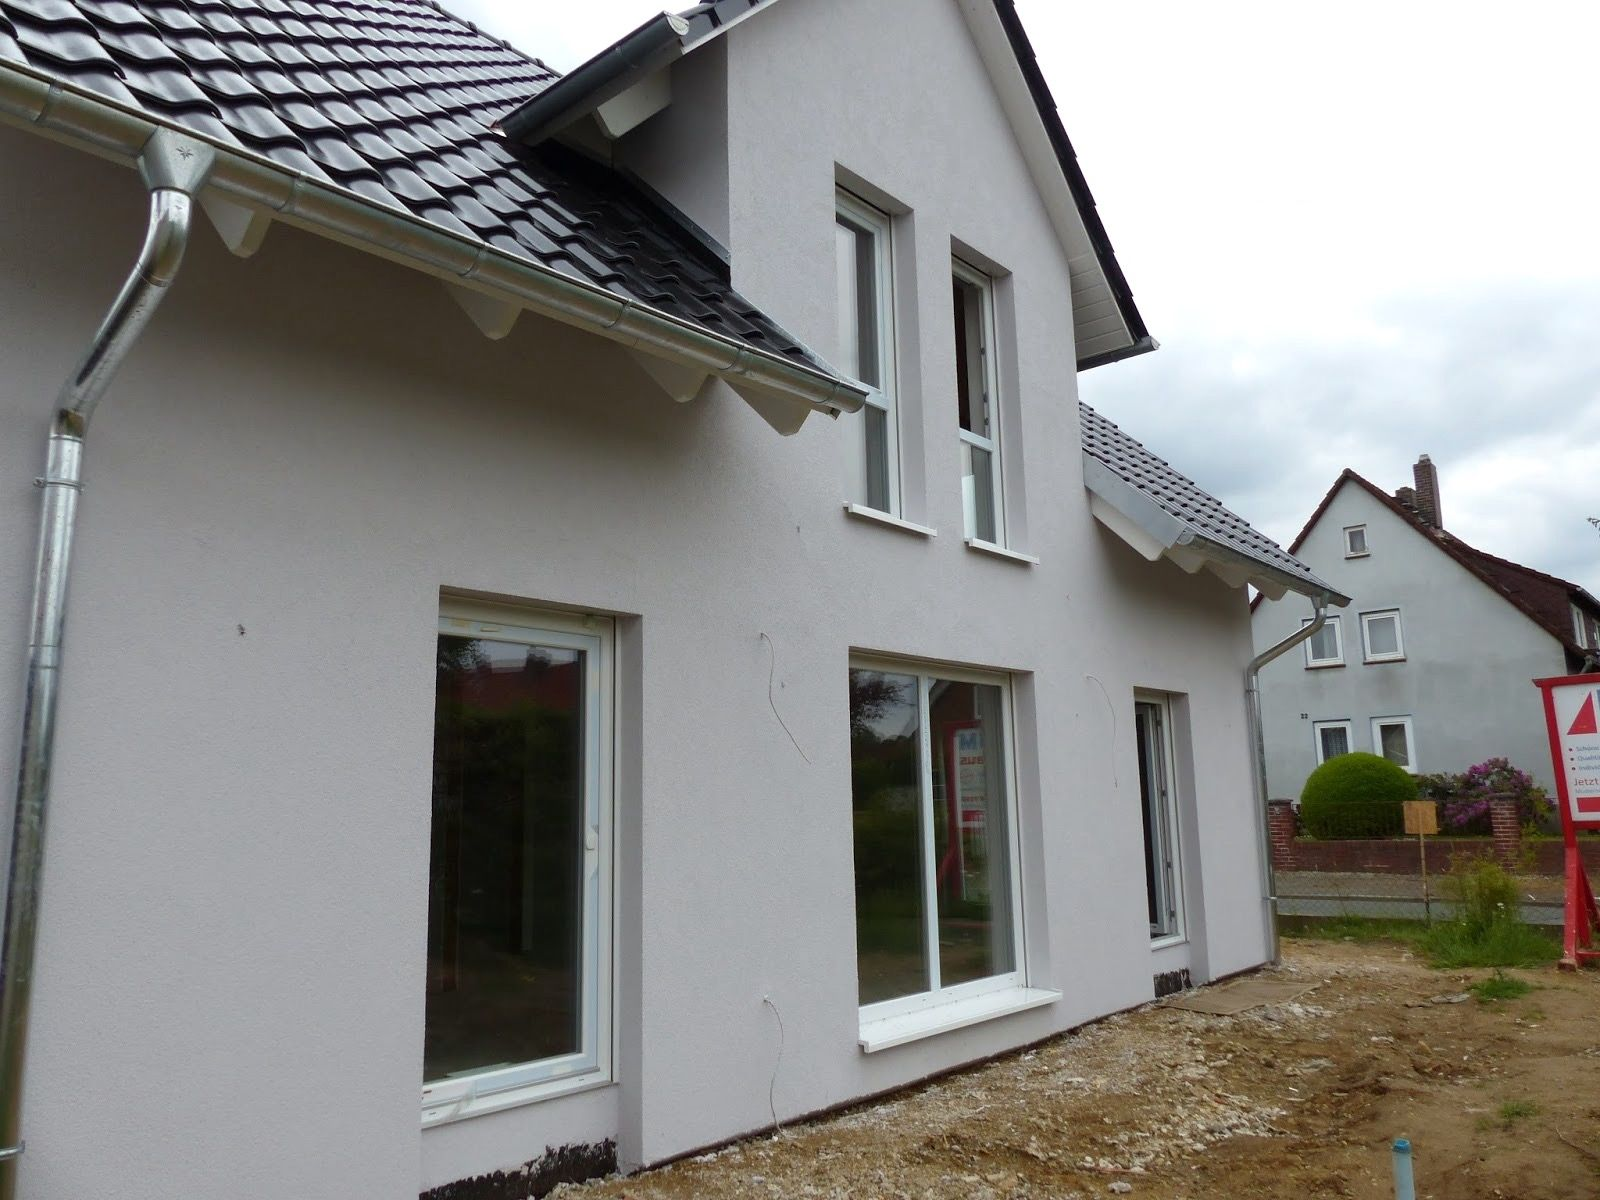 Lieblich Uncategorized:Kleines Haus Grau Weiss Ebenfalls Haus Grau Wei Verlockend  Auf Moderne Deko Ideen Oder